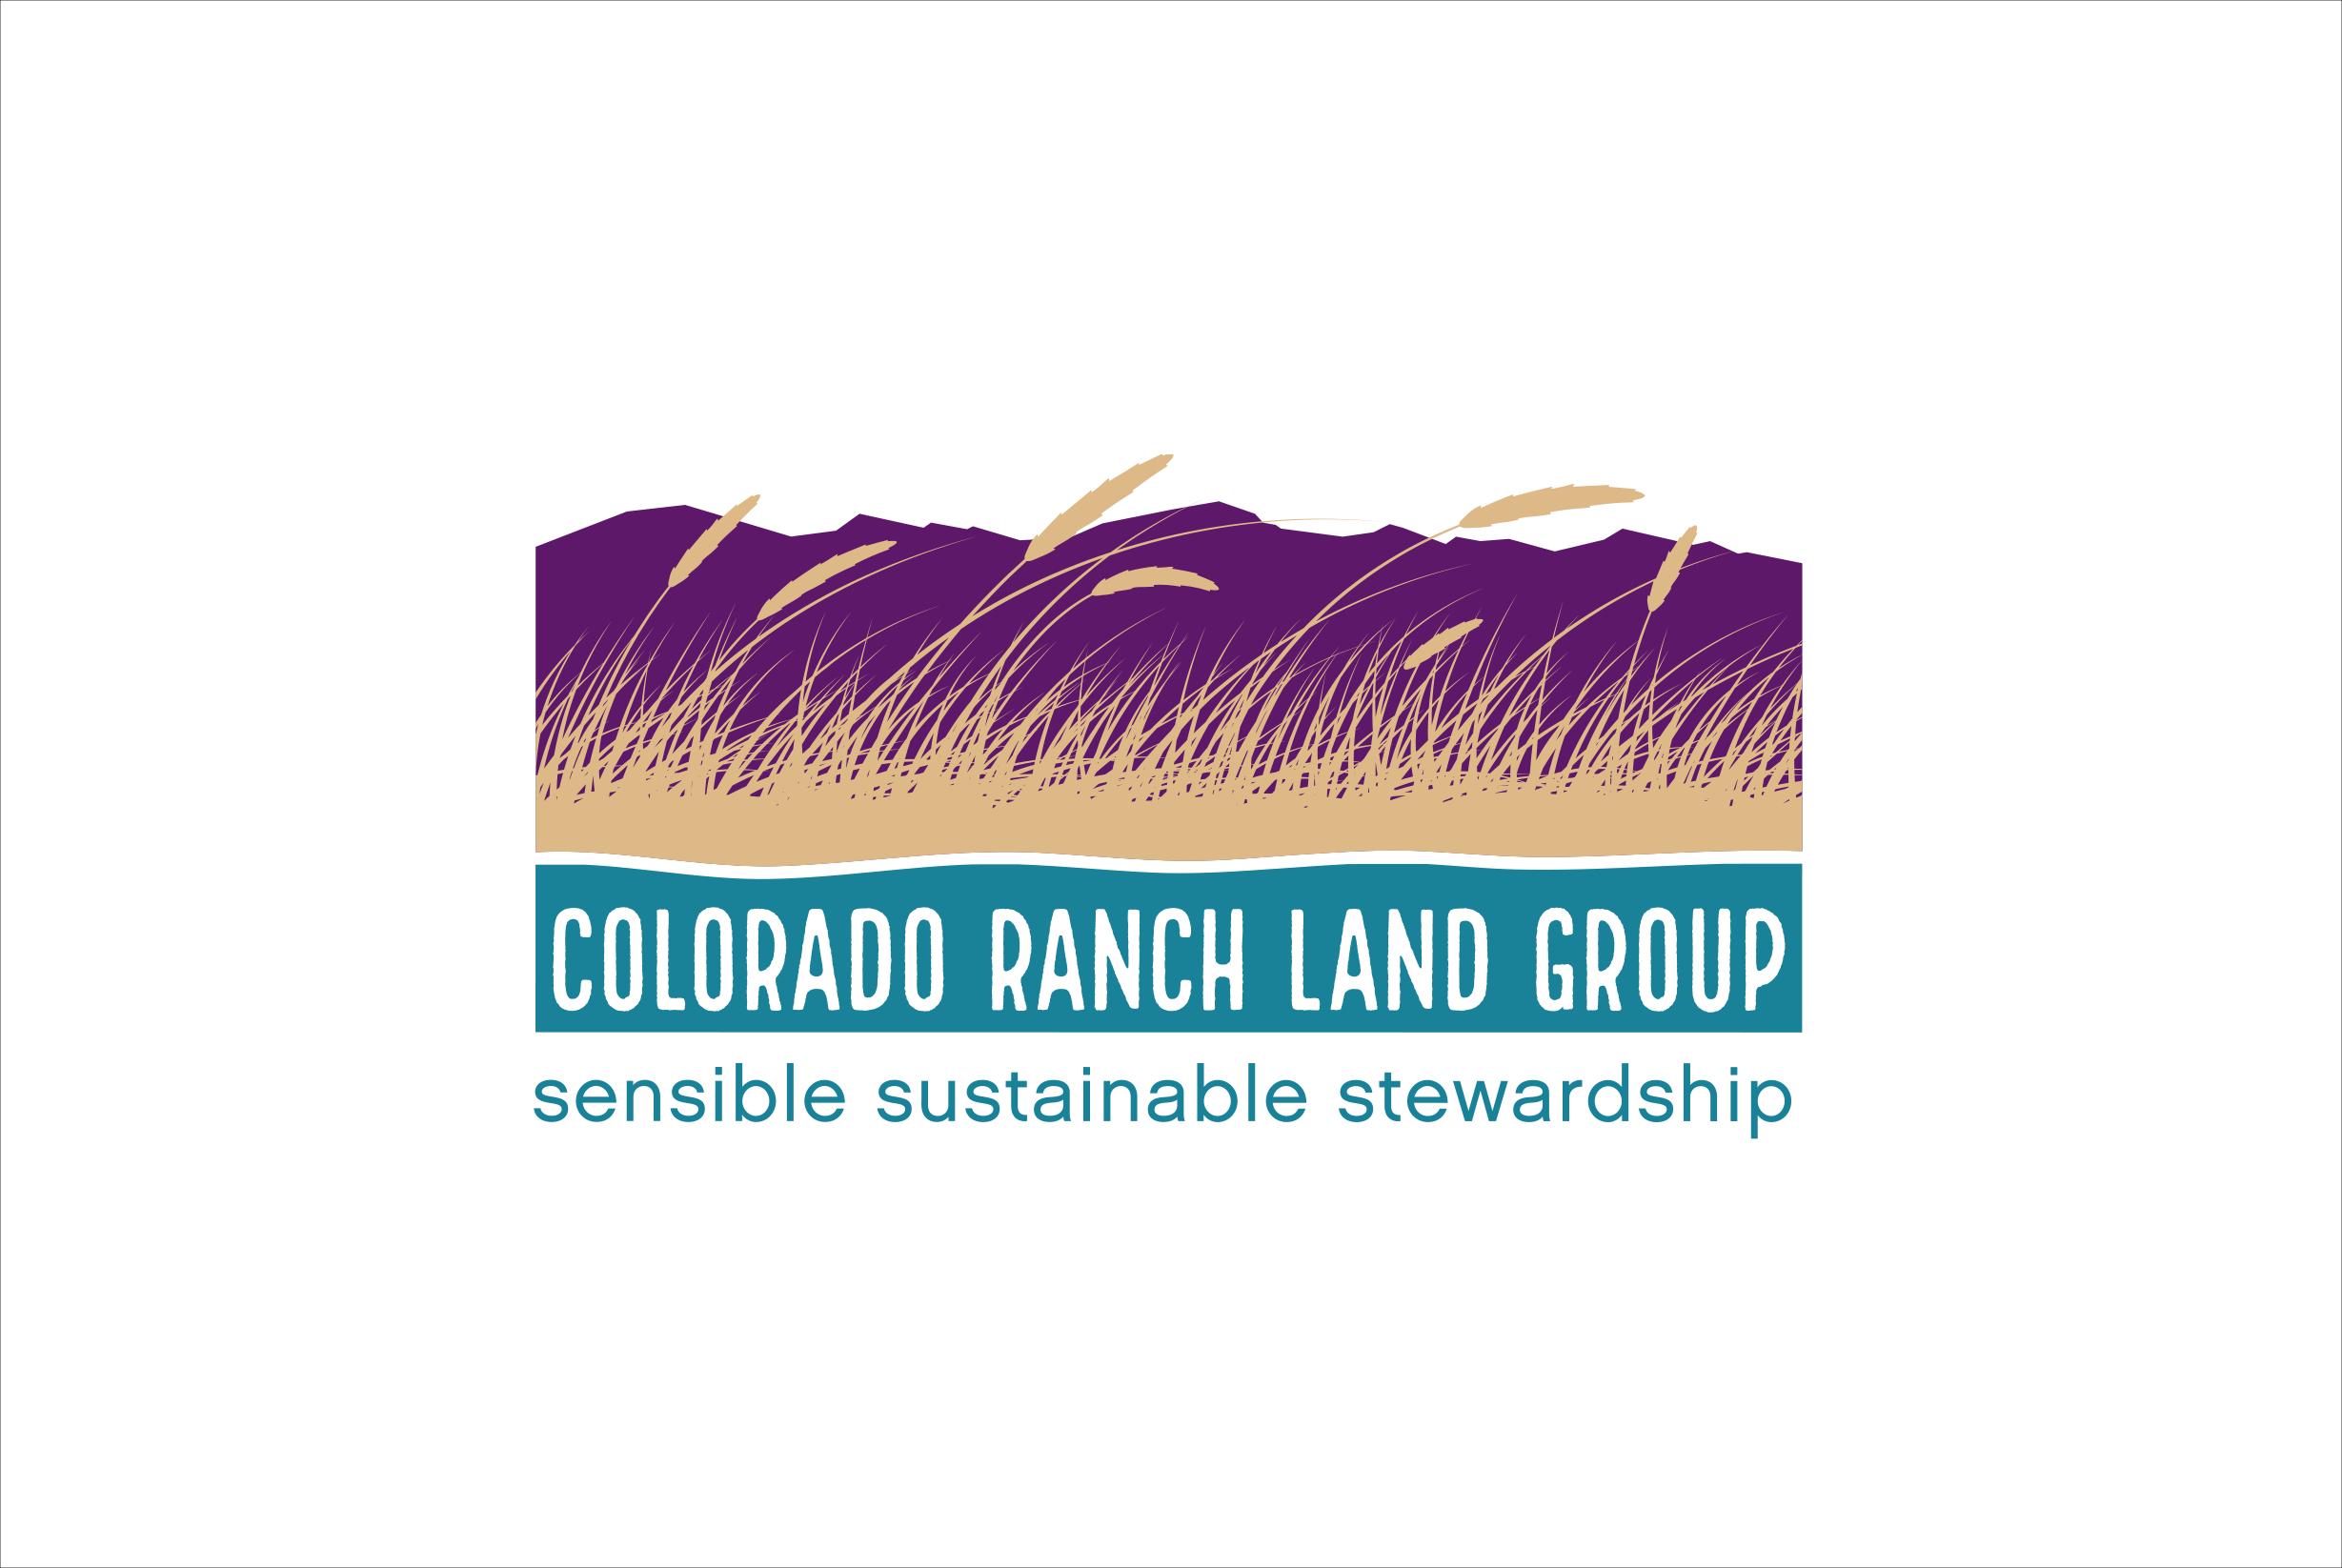 Colorado Ranch Land Group